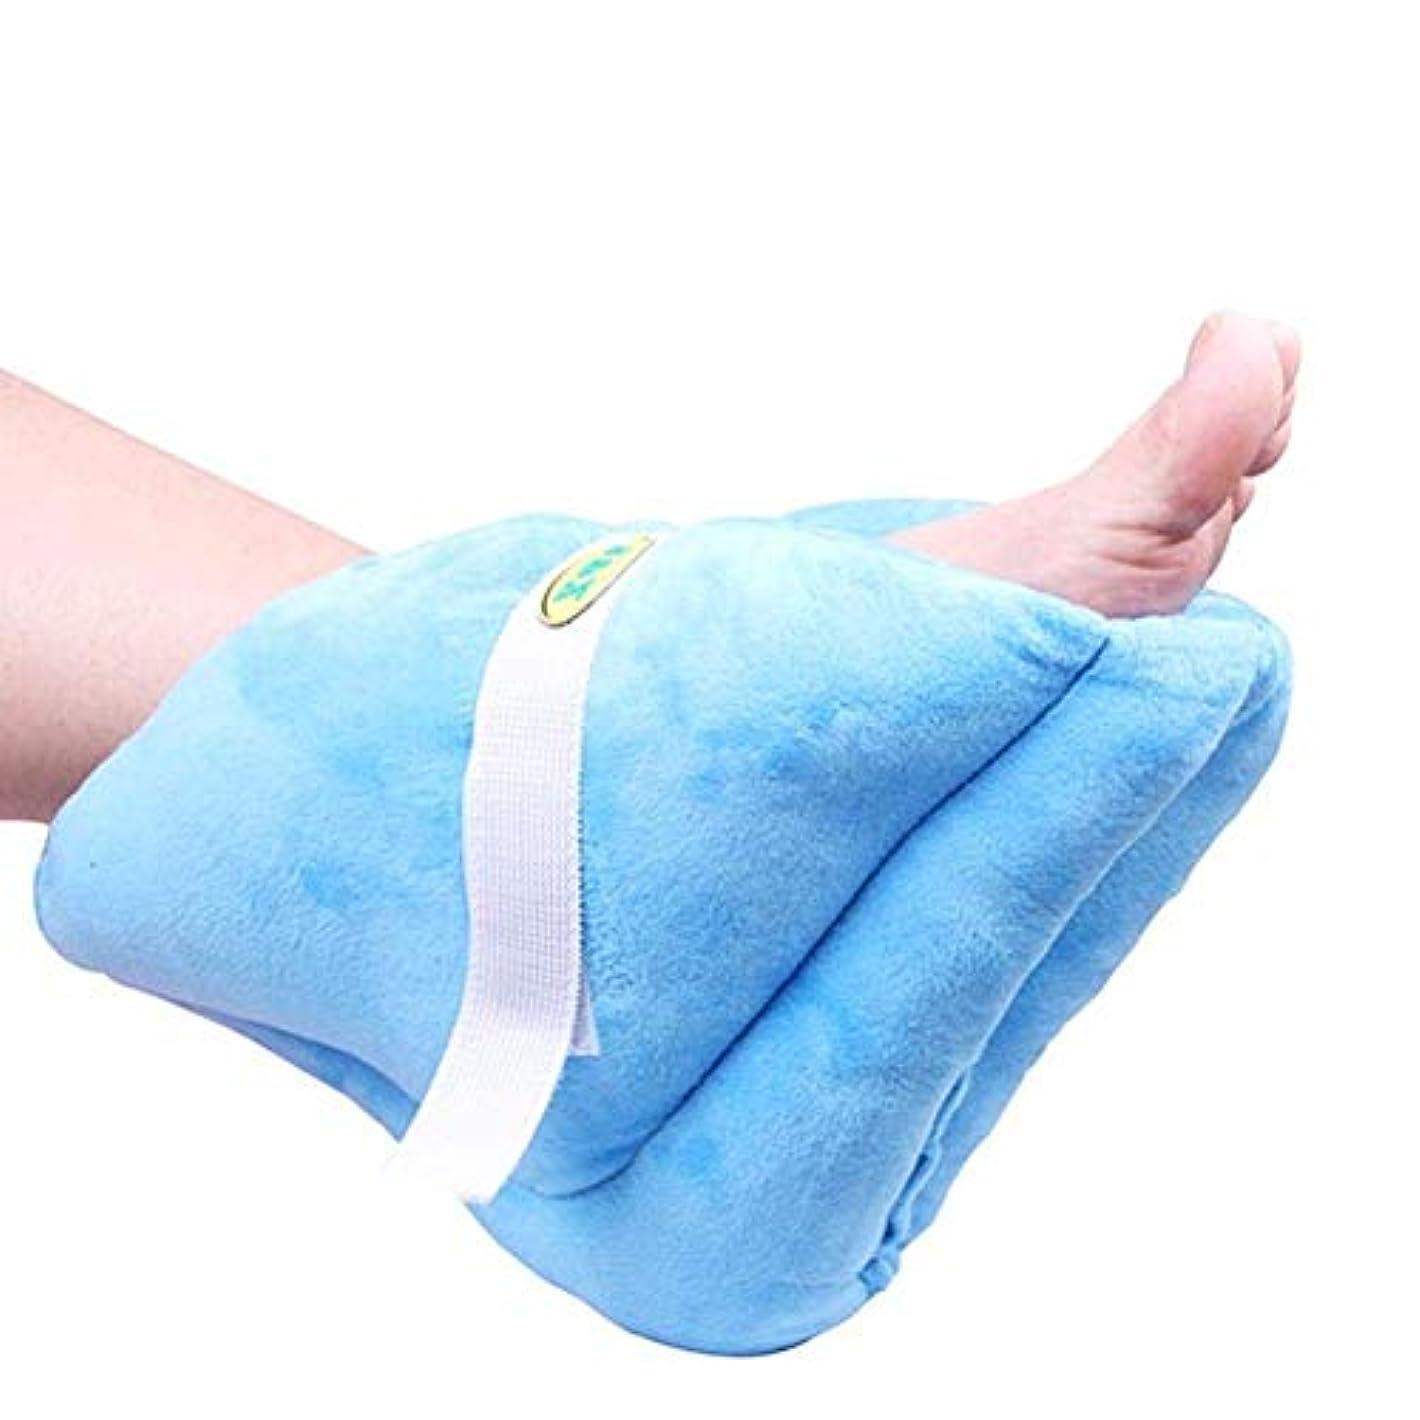 つぼみ拮抗する混沌ヒールプロテクタークッション - フットプロテクターピローブーツ - 褥瘡の予防と足圧を軽減するためのフットサポートピロー